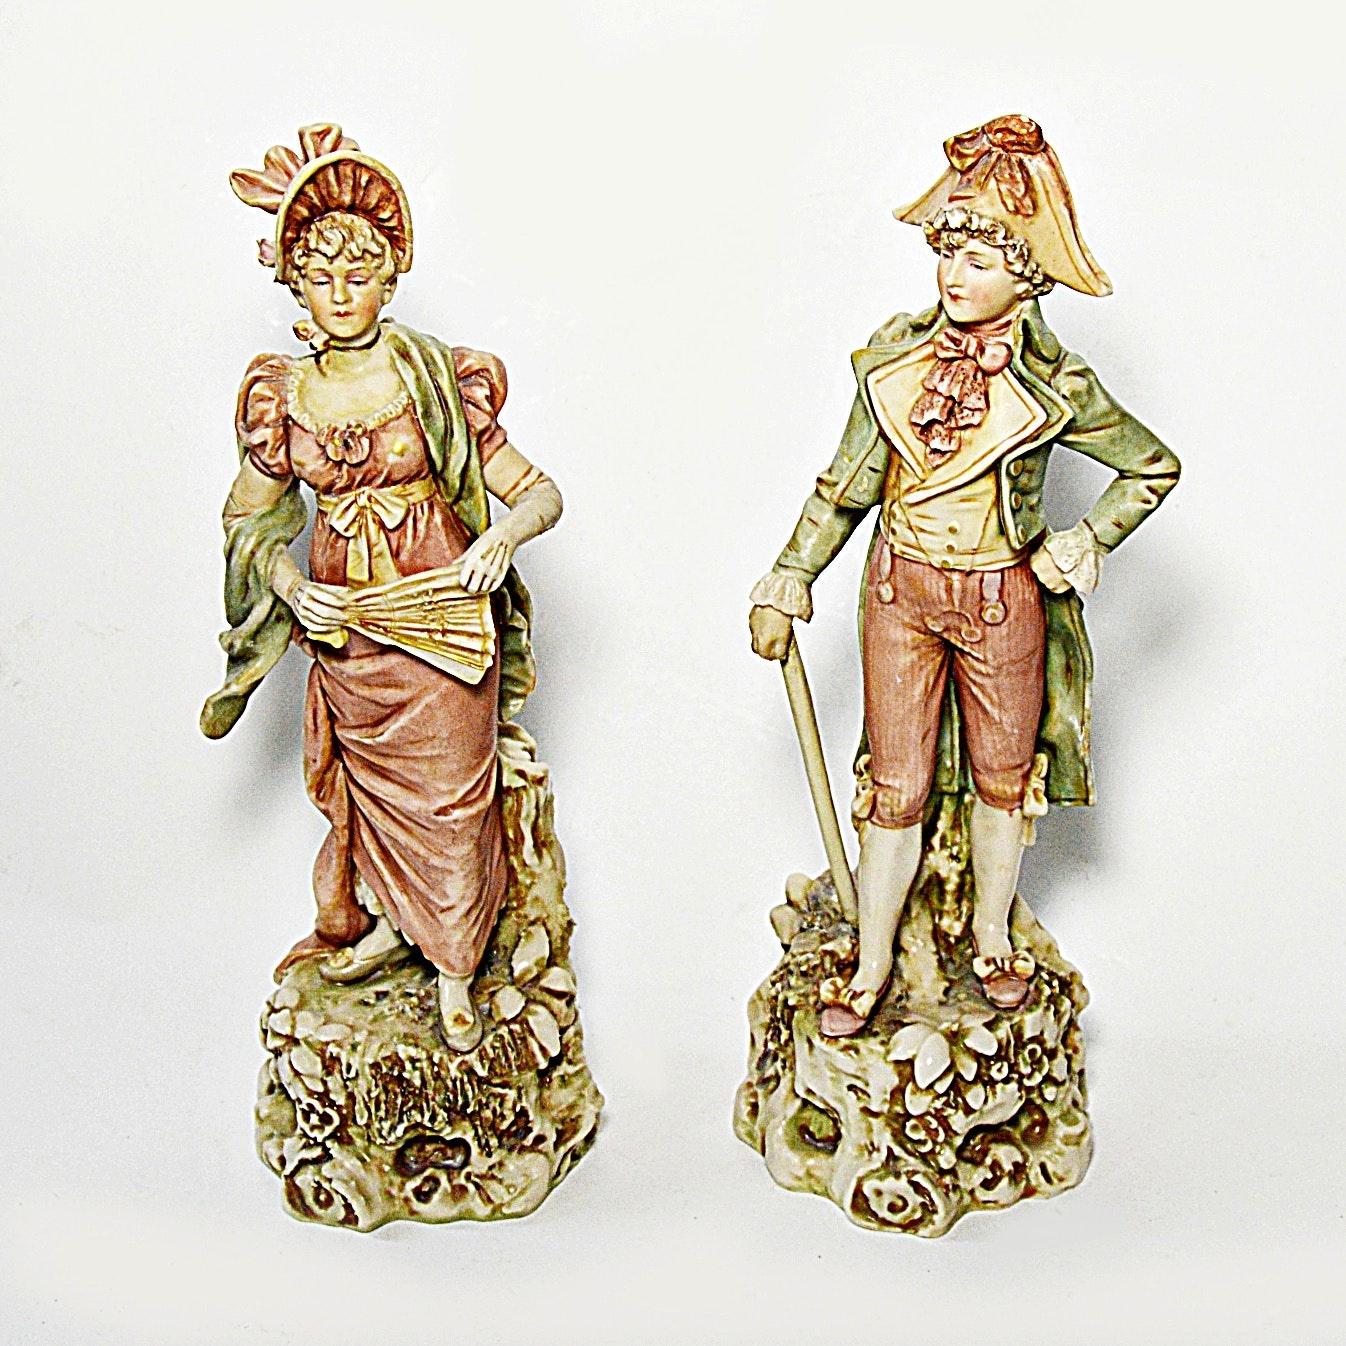 Antique Royal Dux Bohemia Porcelain Figurines